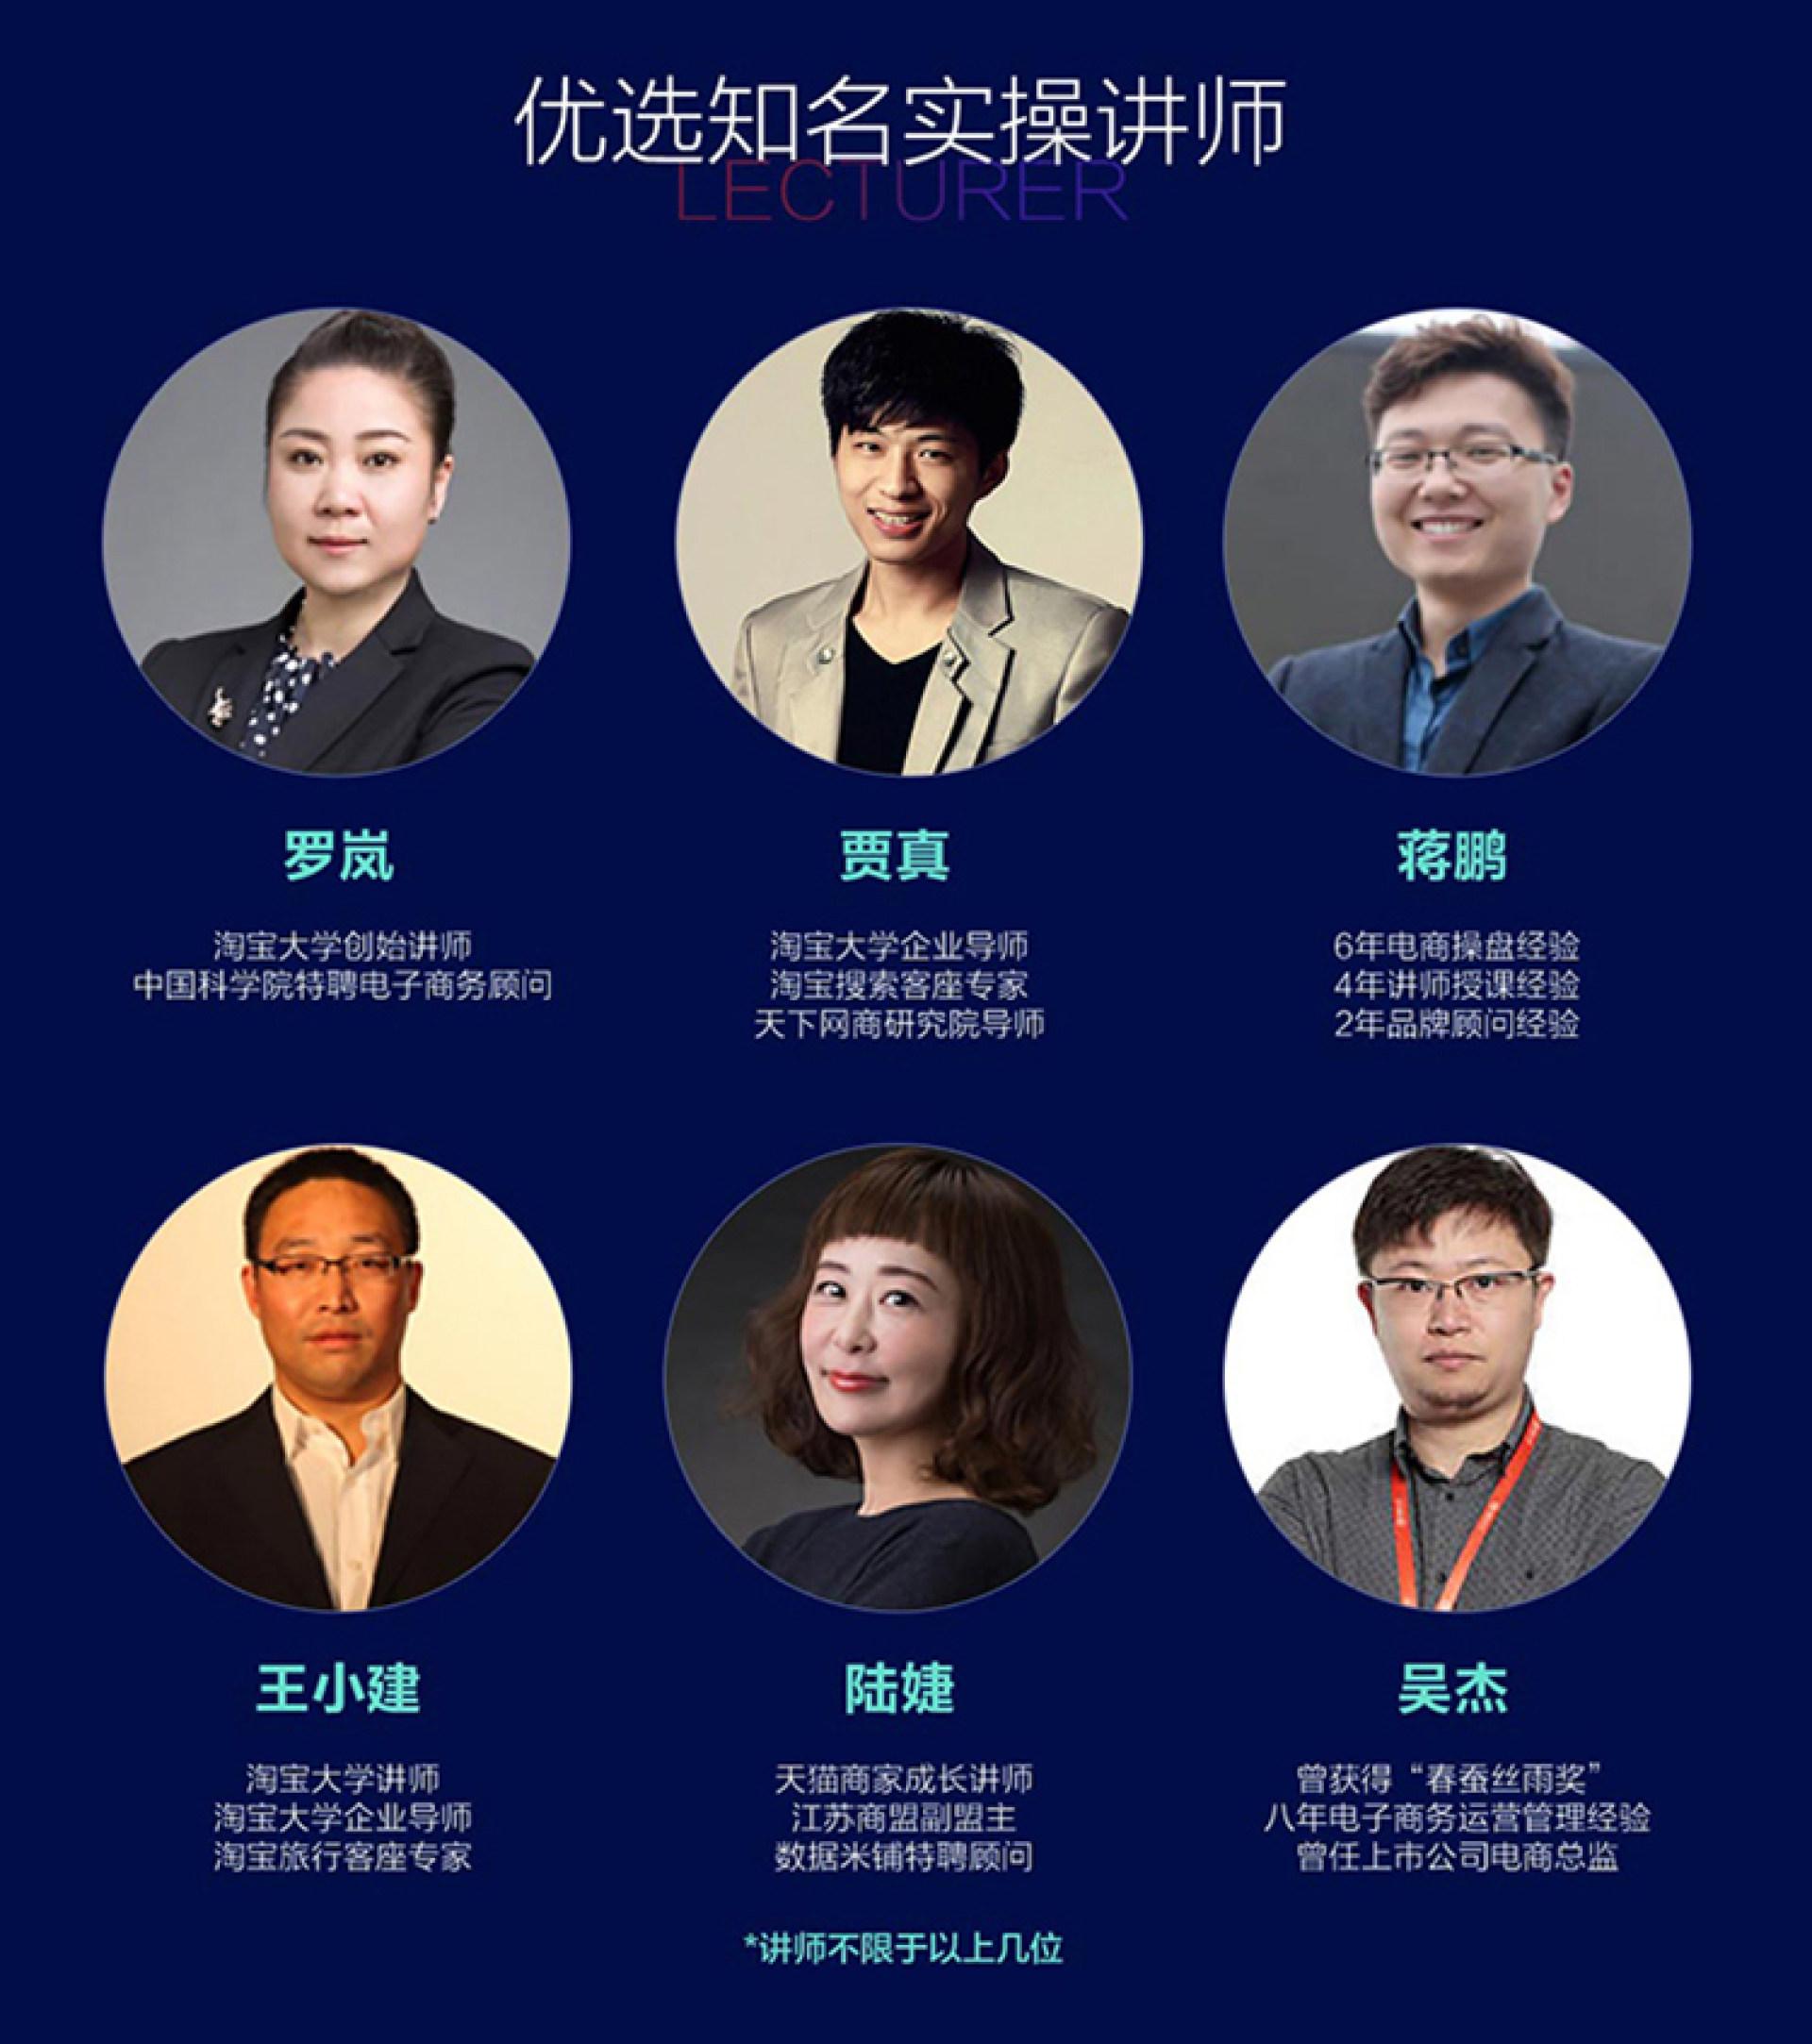 淘宝大学 电商培训 南京电商 南京培训